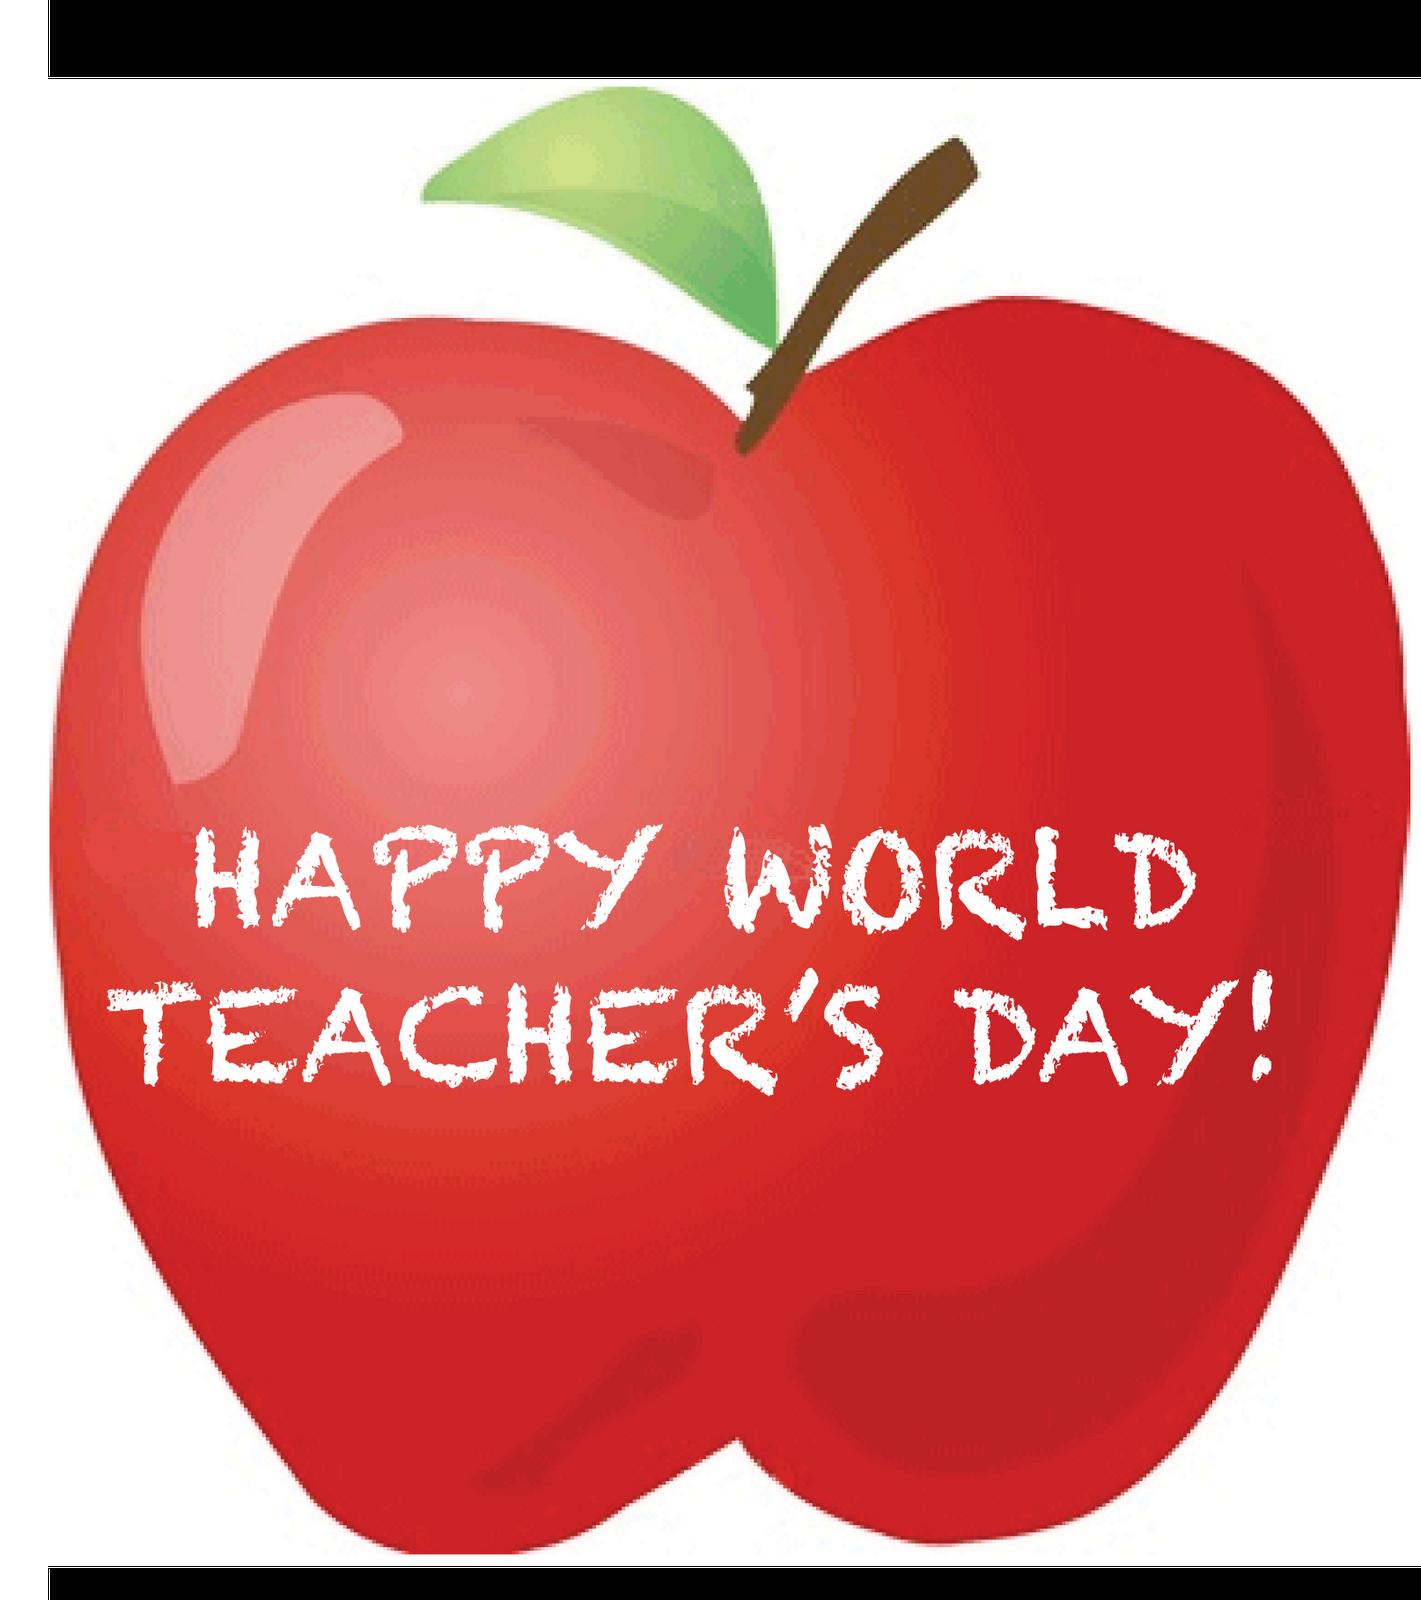 World Teacher's Day (October 5th, 2013)